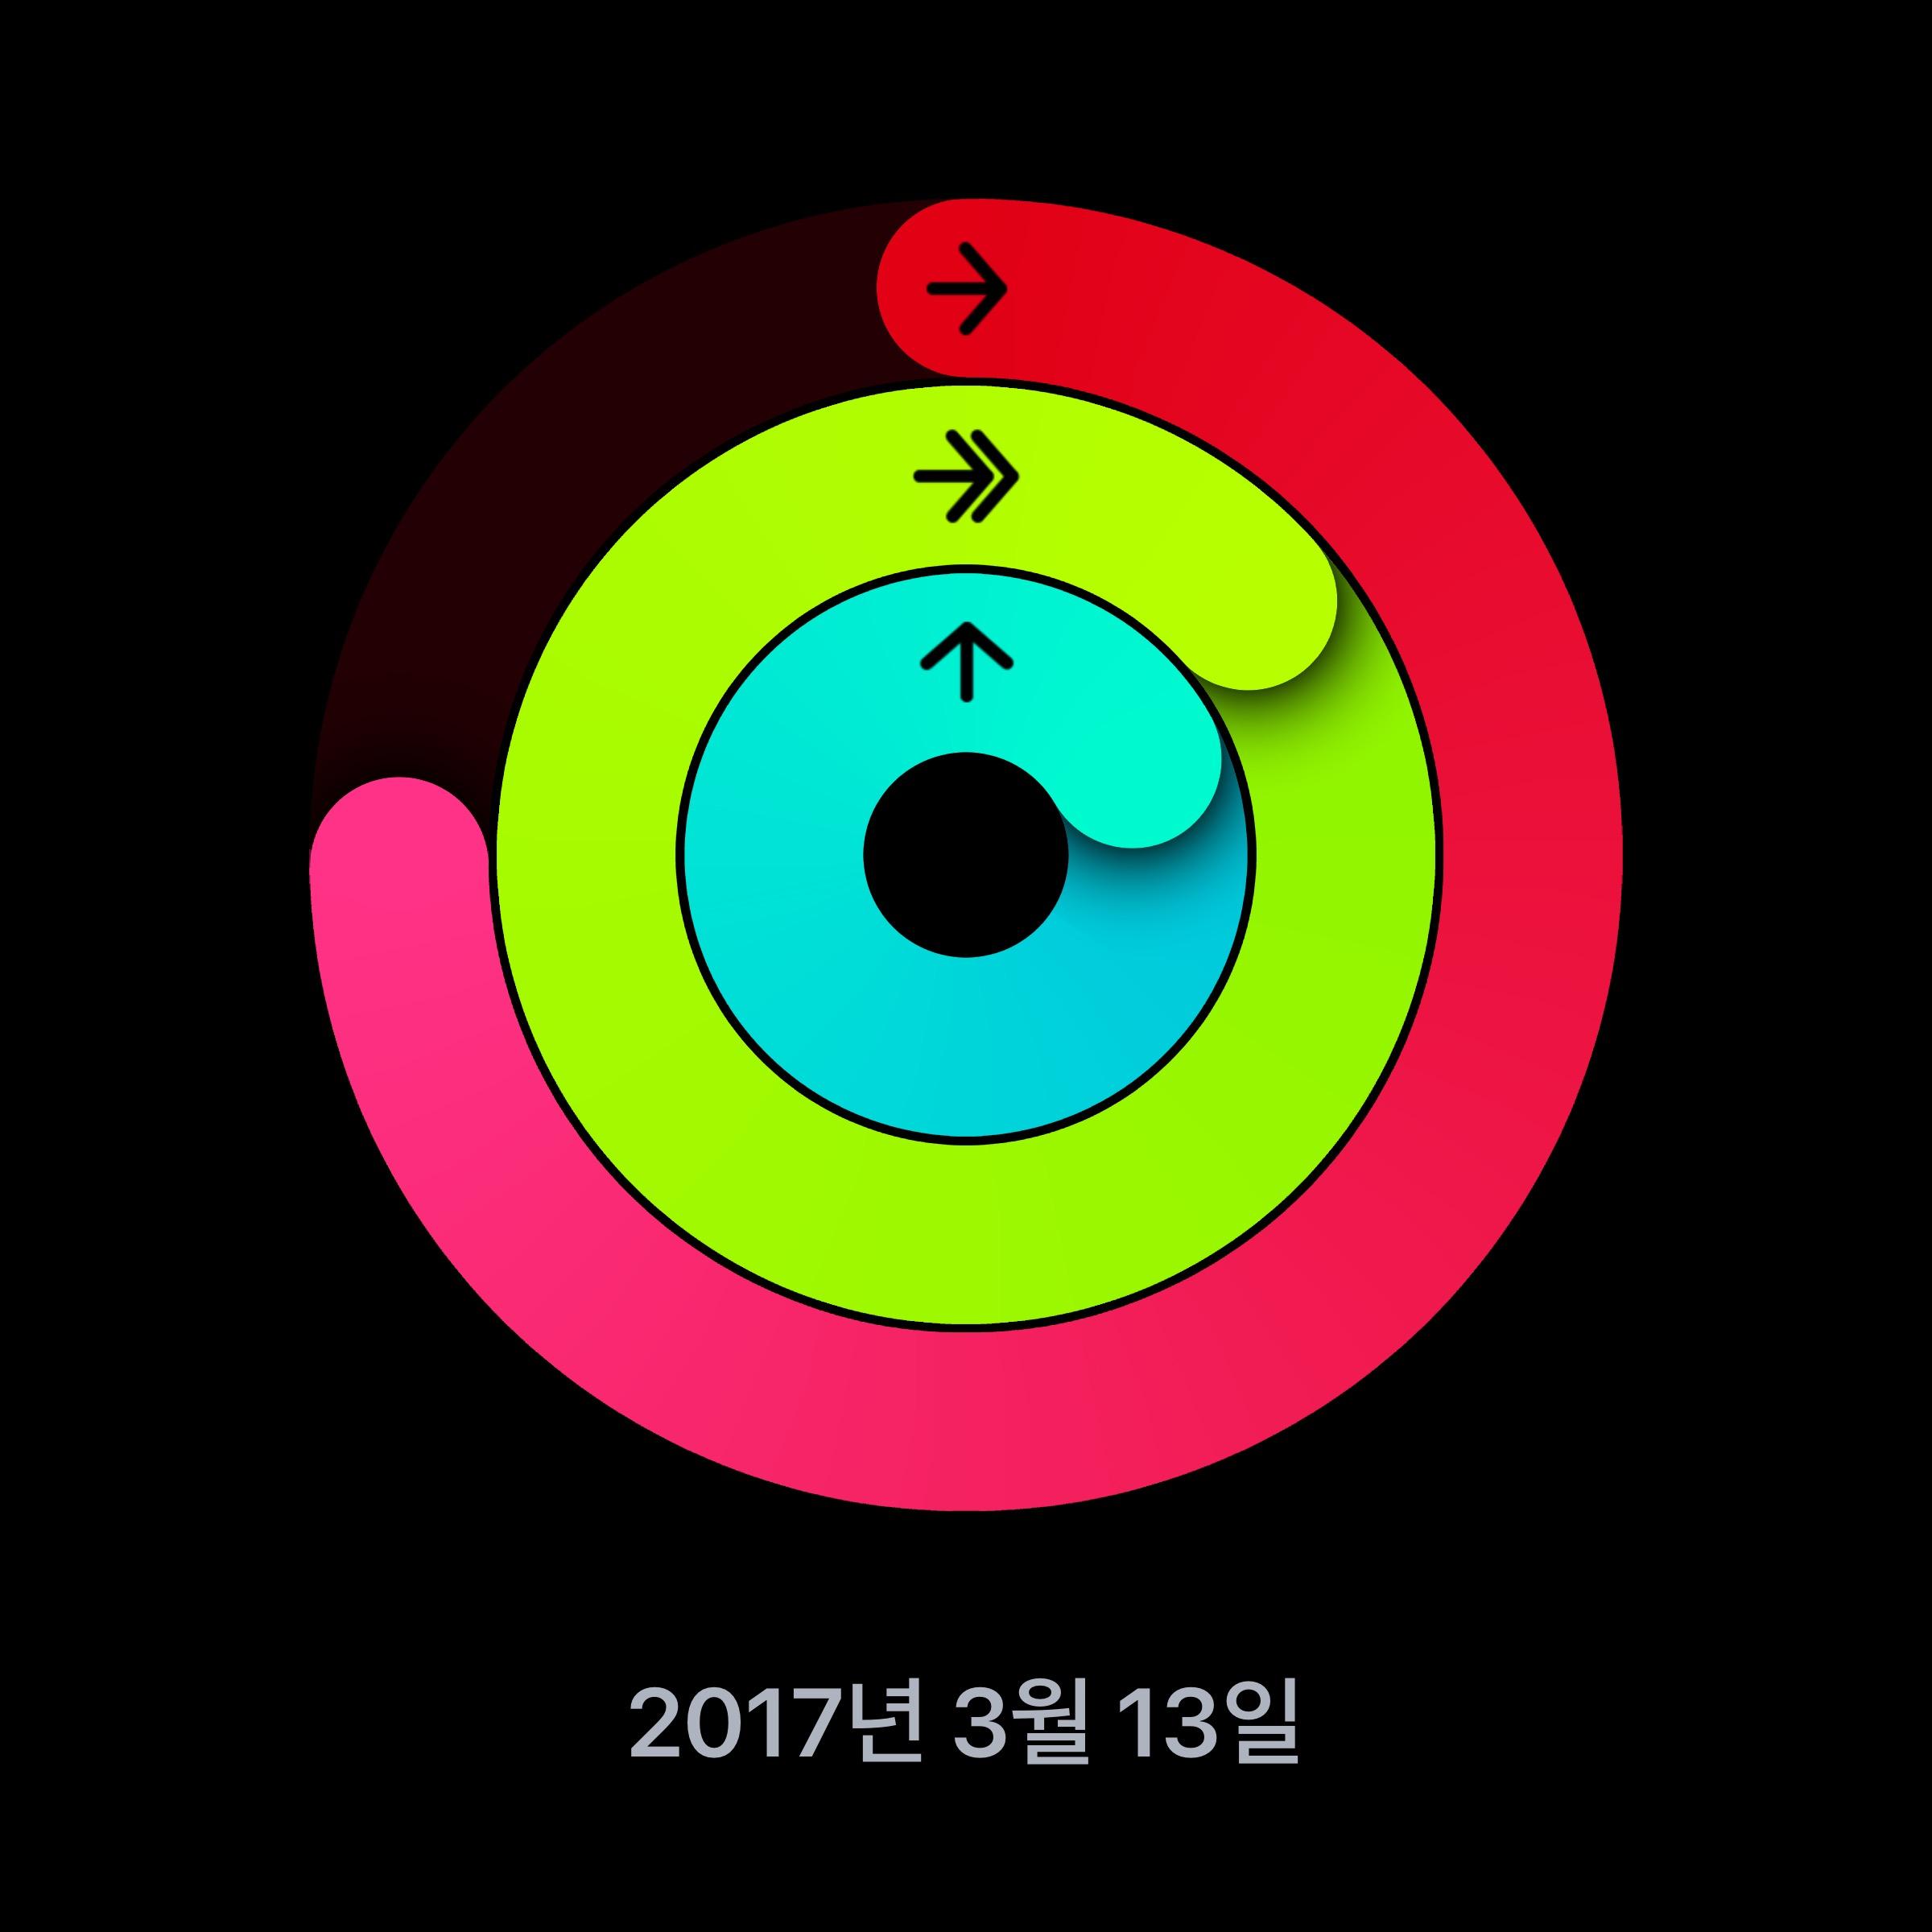 애플워치 운동앱 활동앱